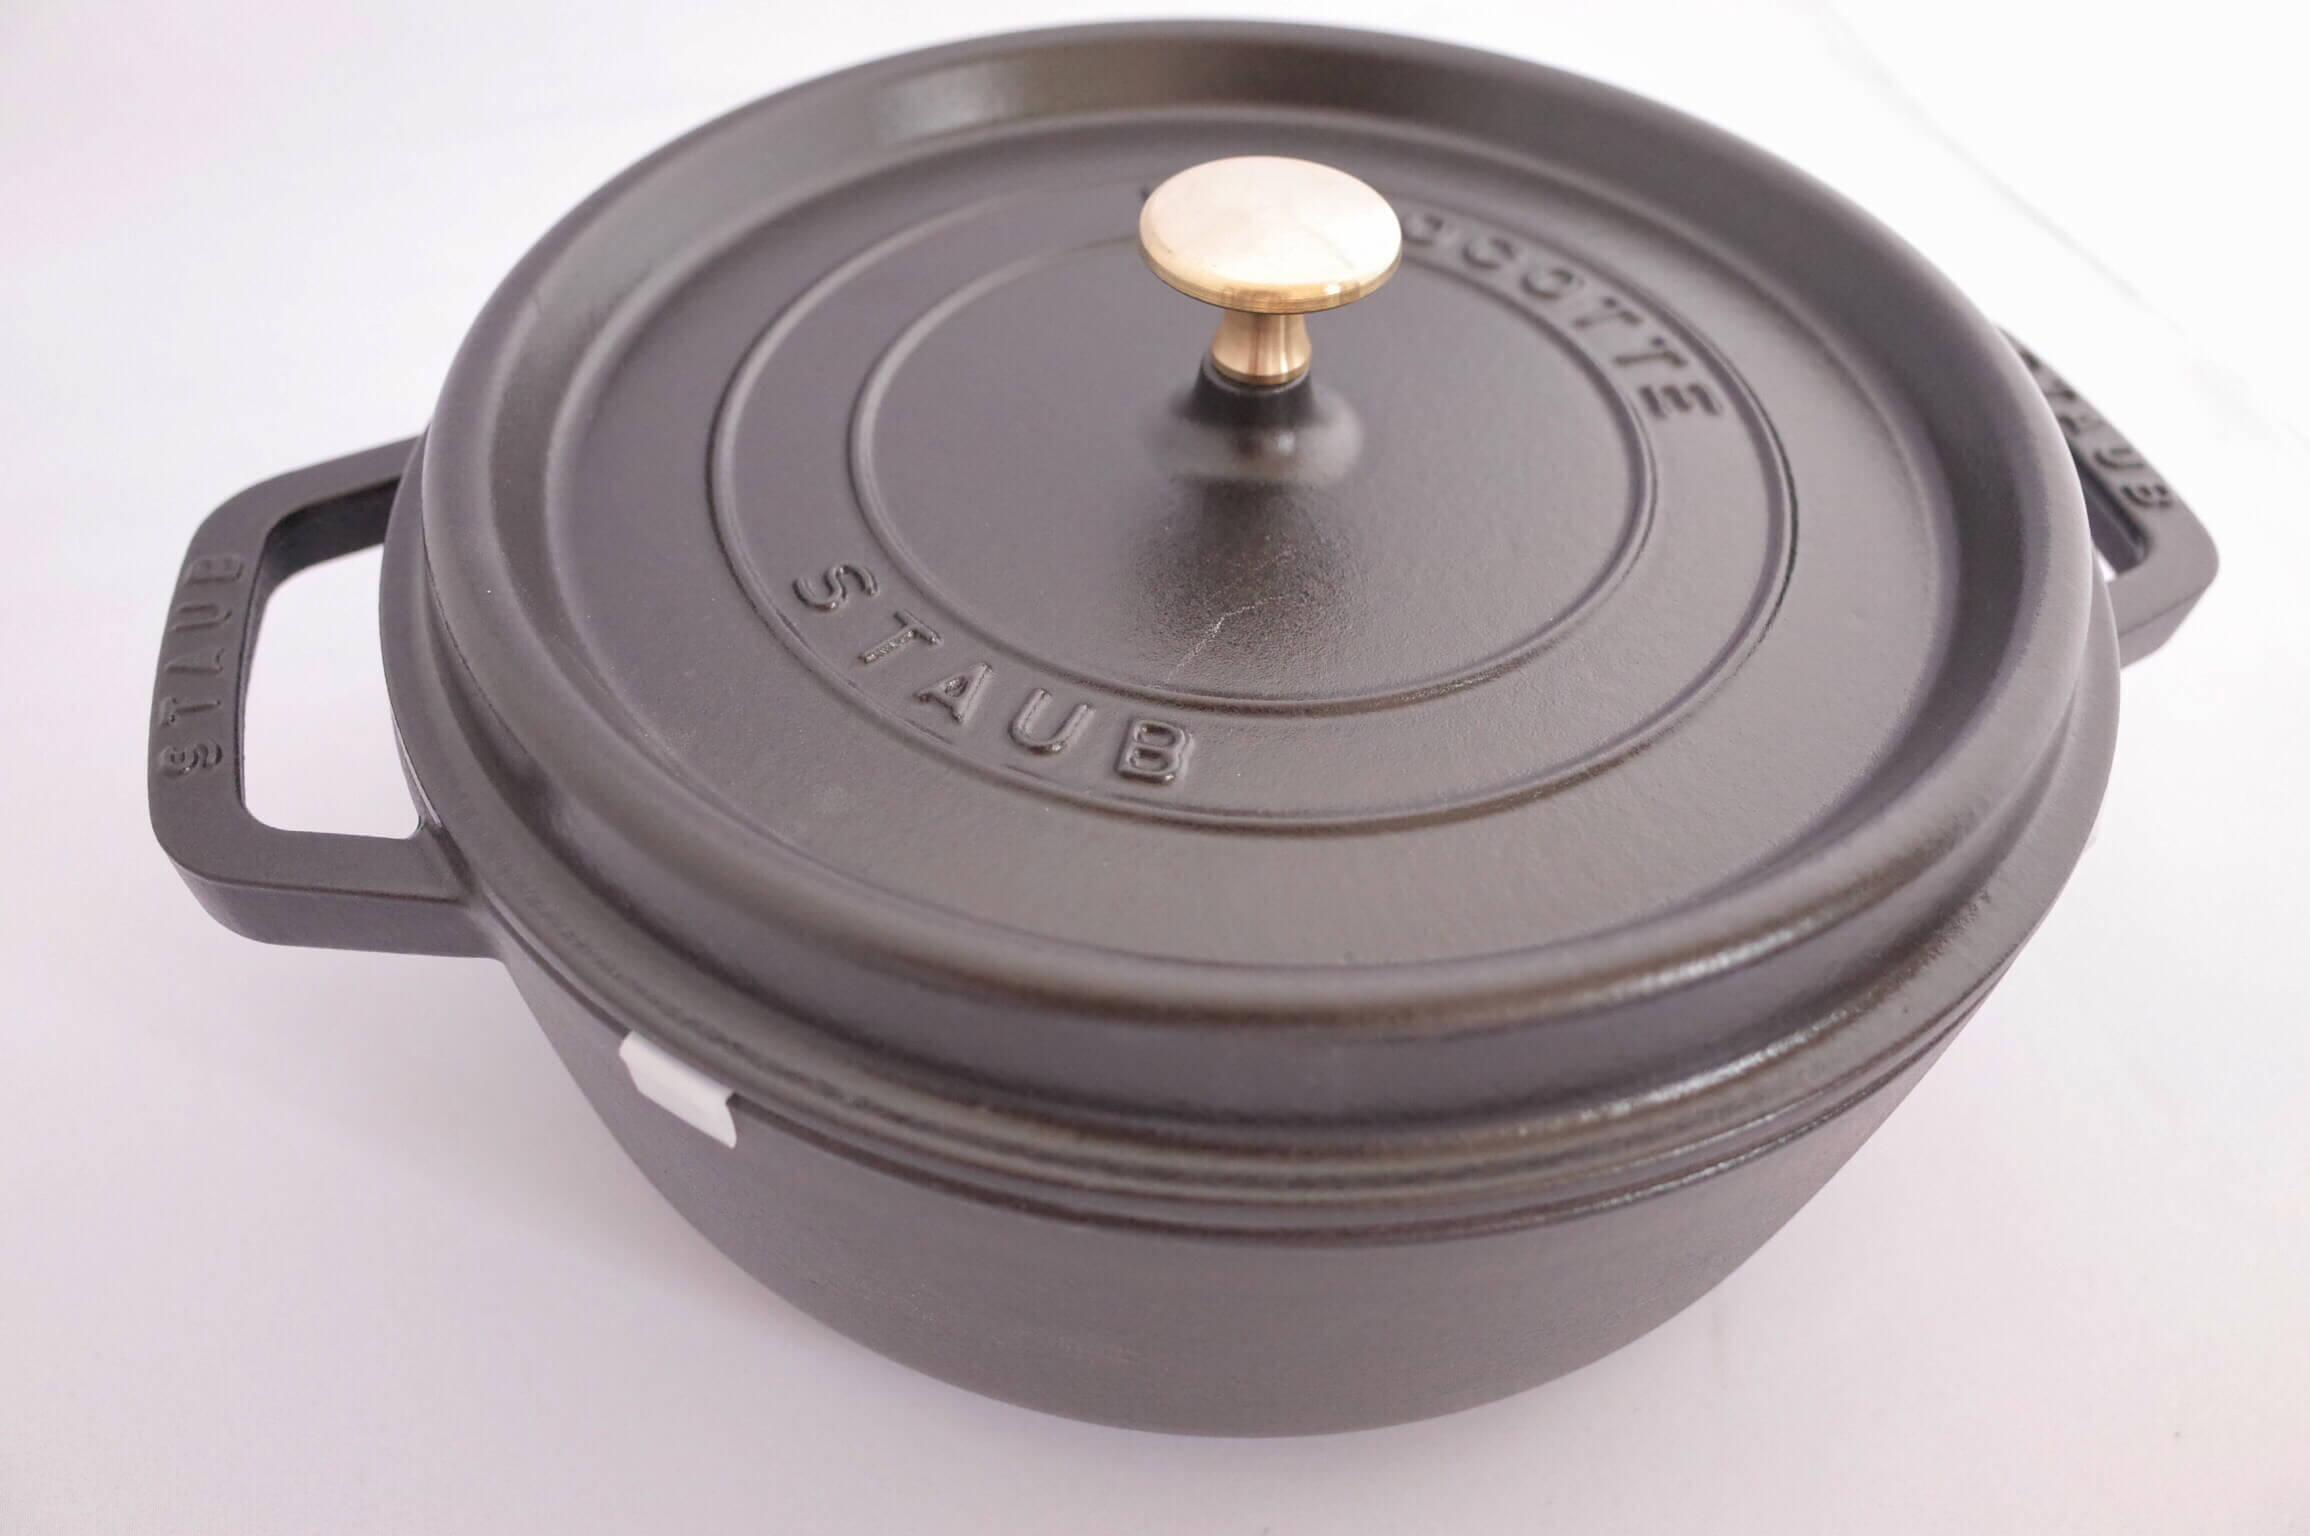 ストウブ シャロー ラウンド ココット26cm 〜 大家族におすすめ!浅めの作りは冬の鍋物にも使える